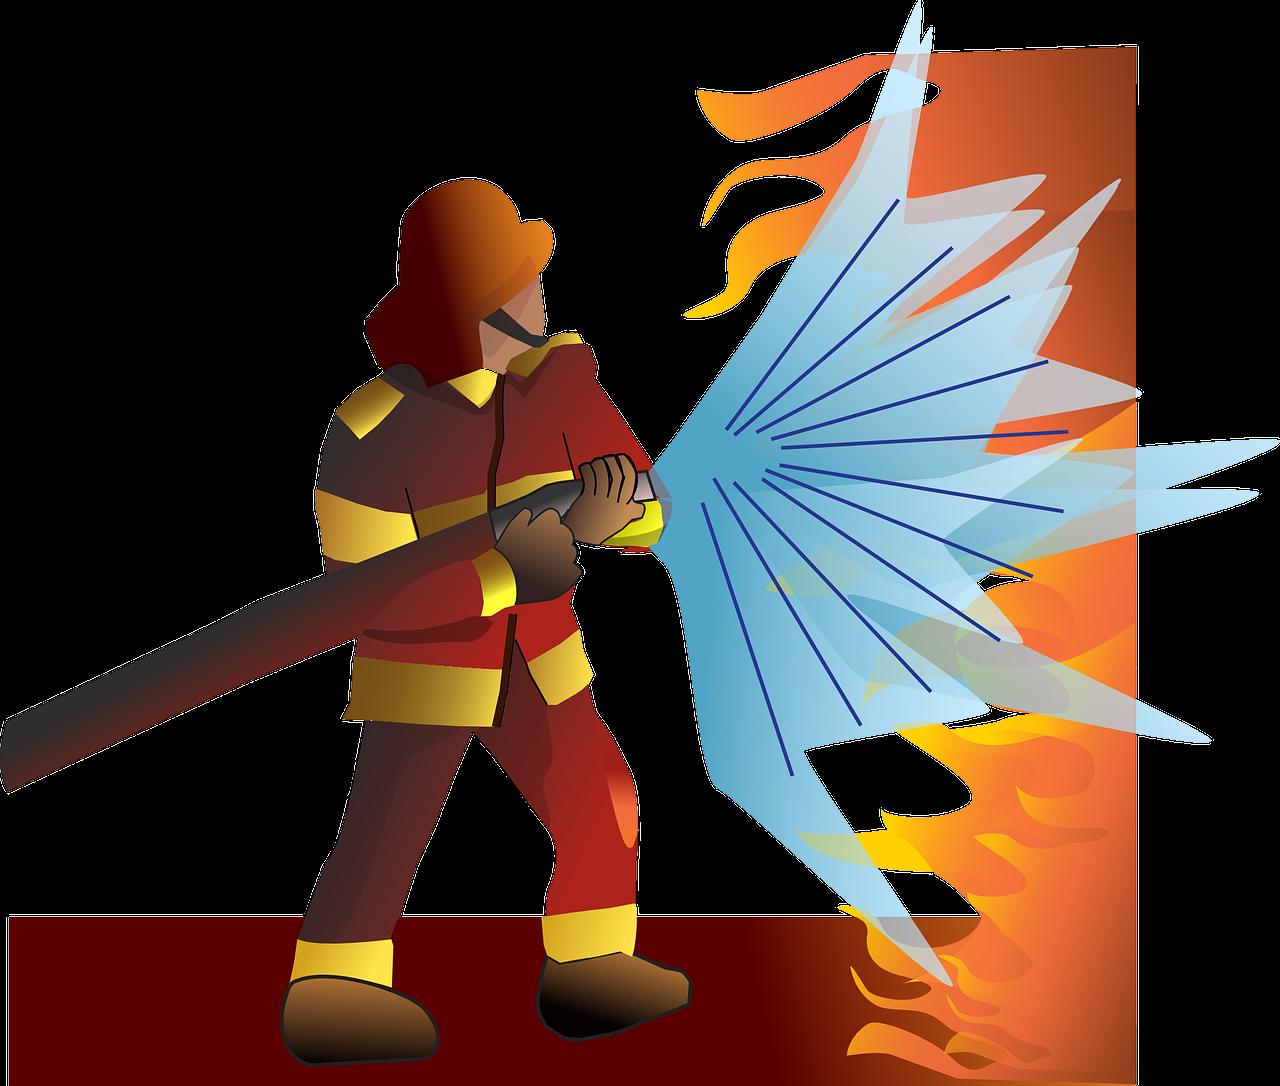 Kumpulan Gambar Animasi Mobil Pemadam Kebakaran Kantor Meme